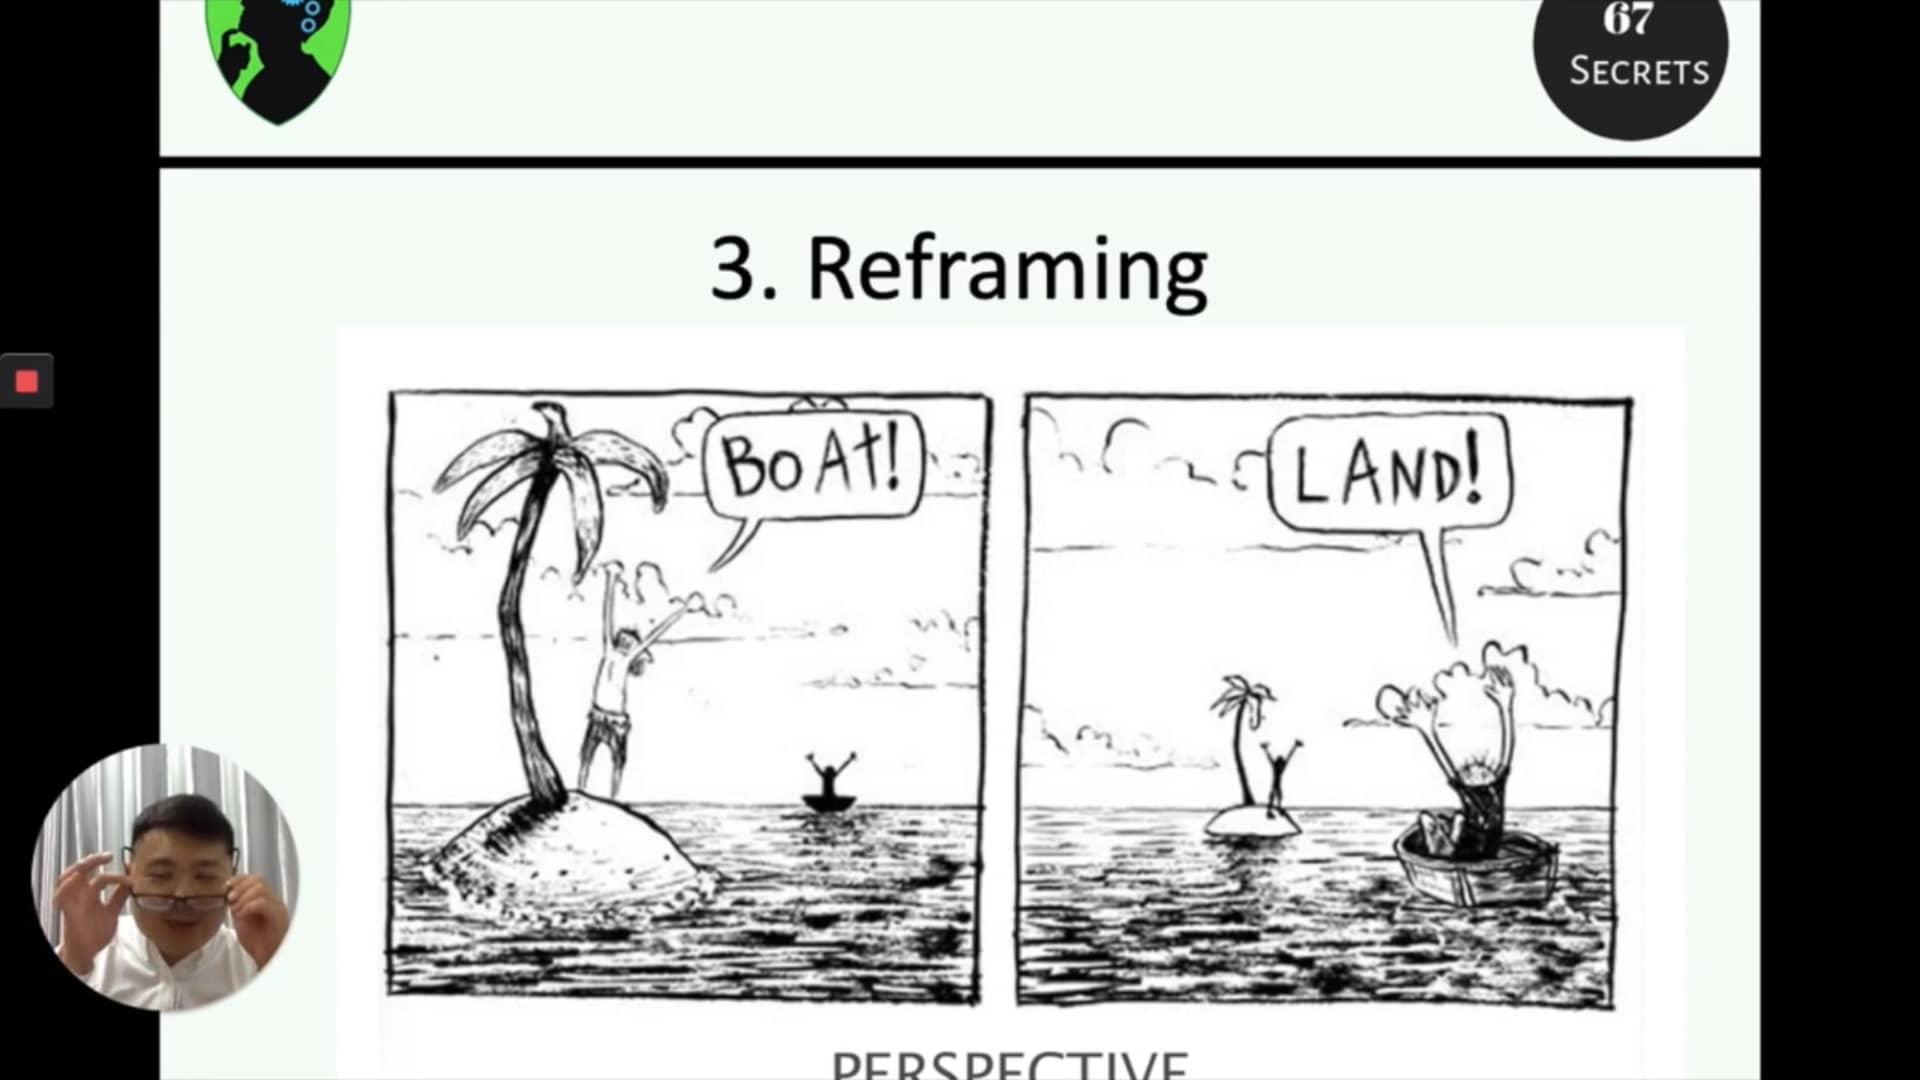 3. Reframing